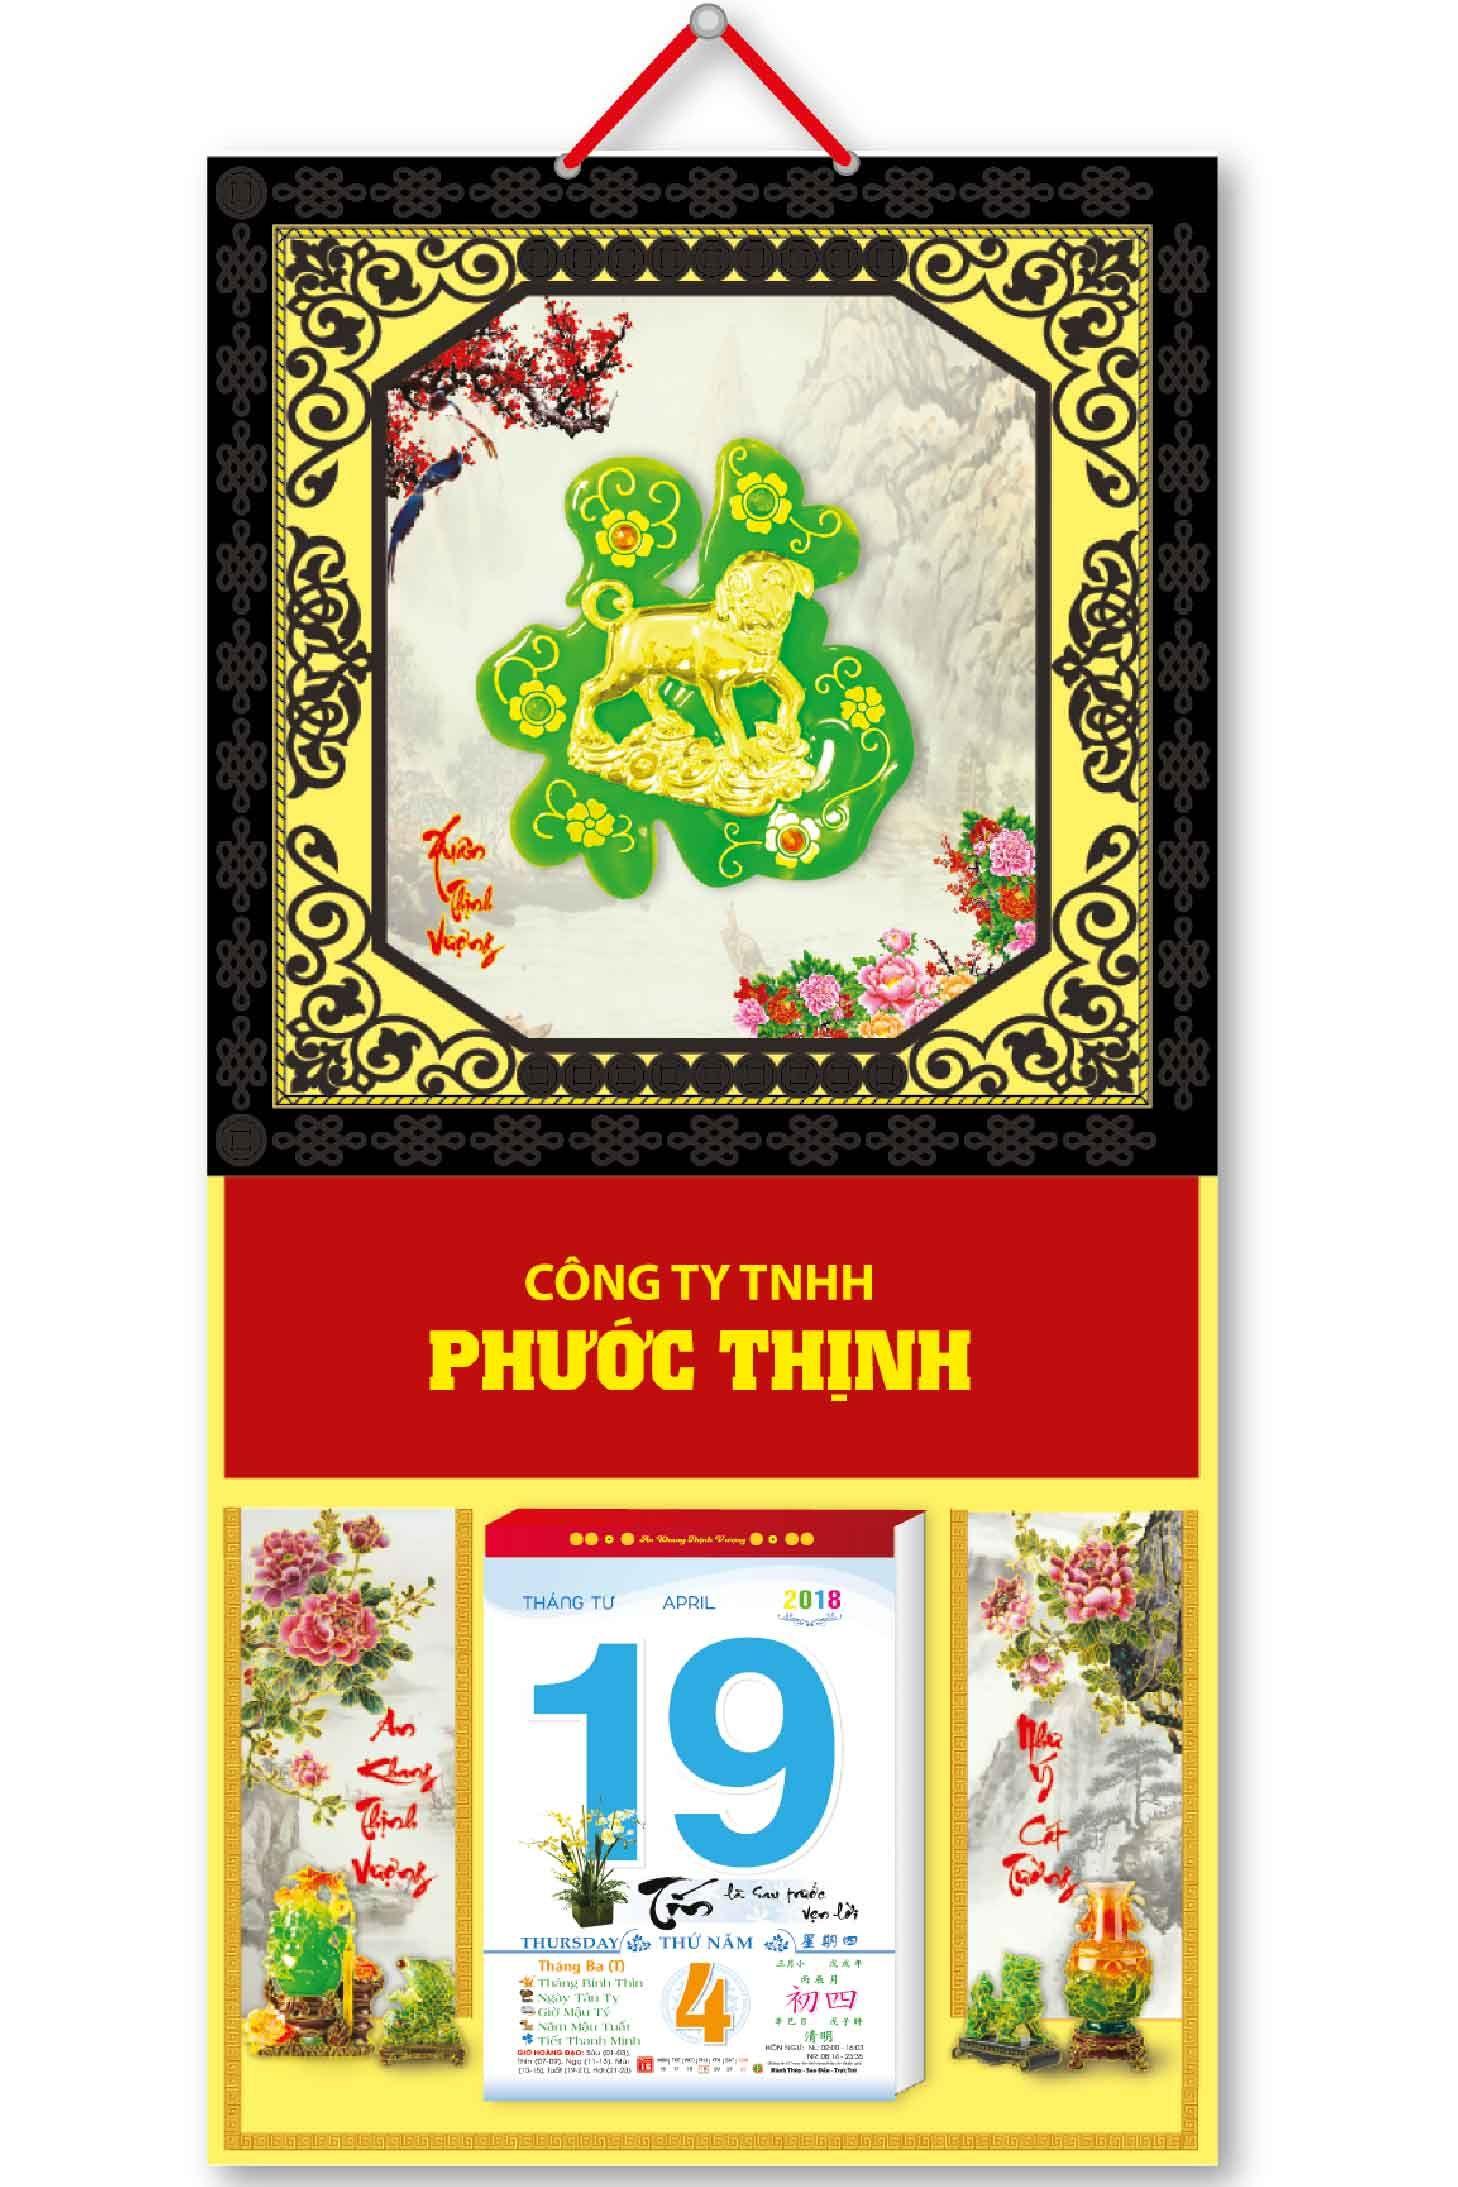 KV53 - Bìa Lịch 2018 Treo Tường Da Simili Dán Chữ Nổi (35 x 70cm) - Khung đen, Dán Chữ Phước Cẩm Thạch, Chó Mạ Vàng - EBOOK/PDF/PRC/EPUB